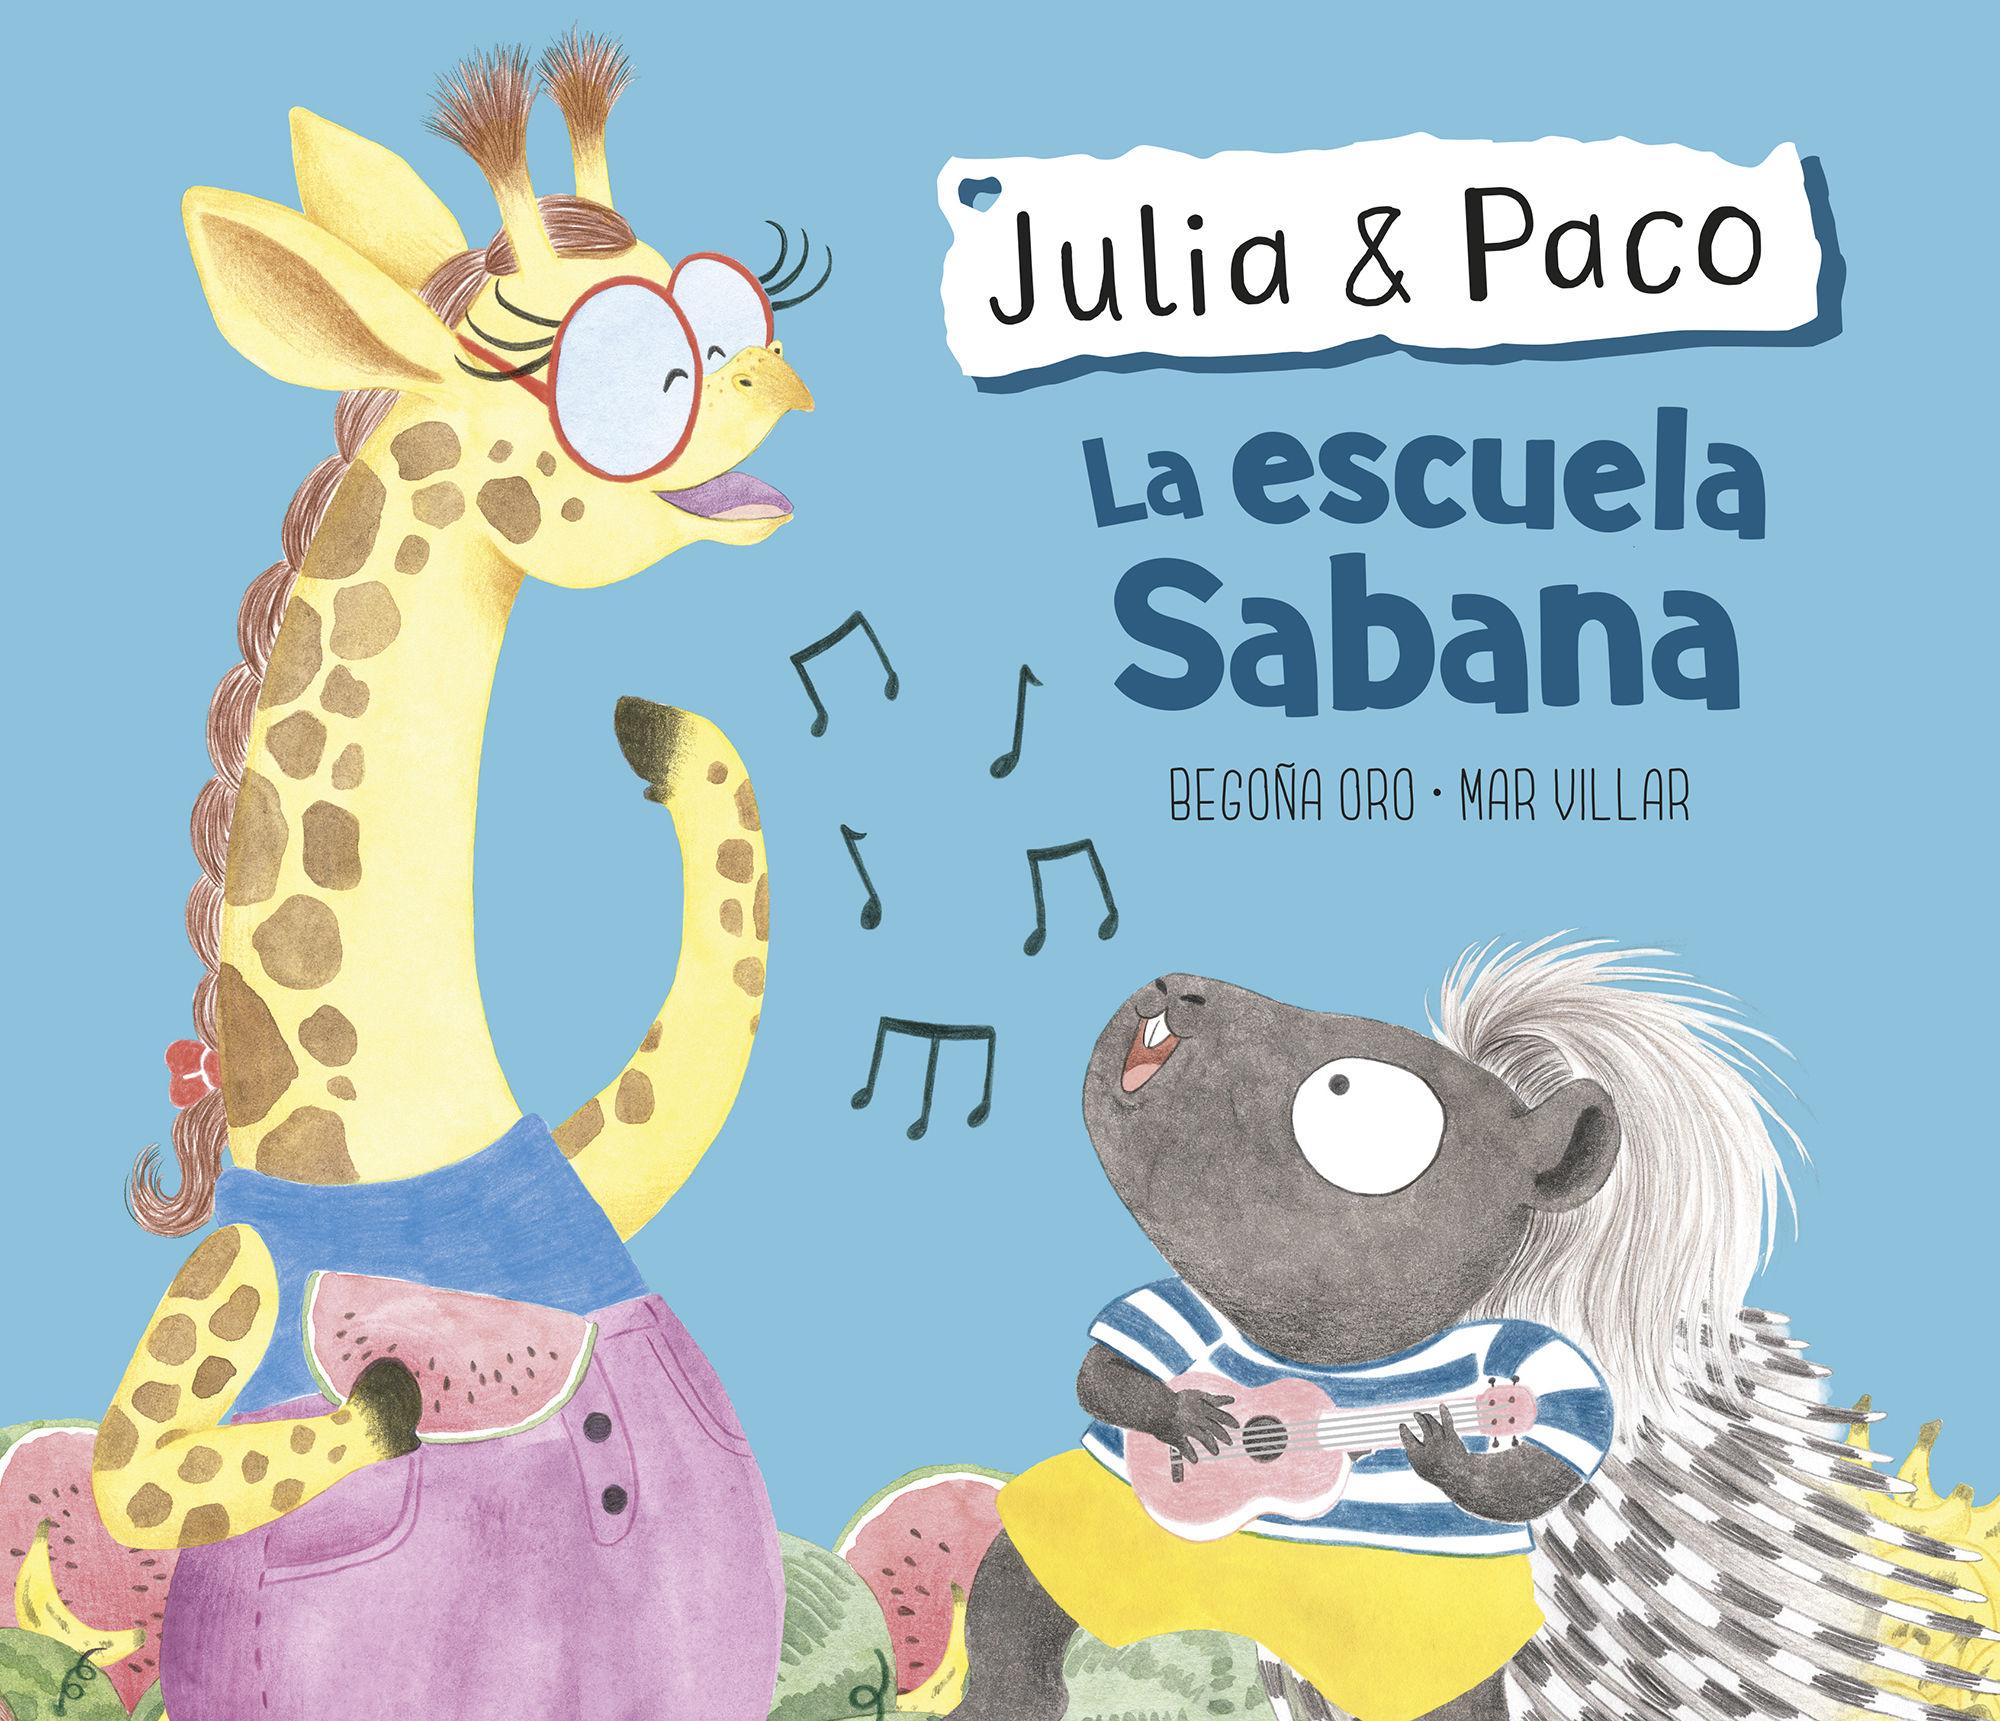 LA ESCUELA SABANA (JULIA & PACO)